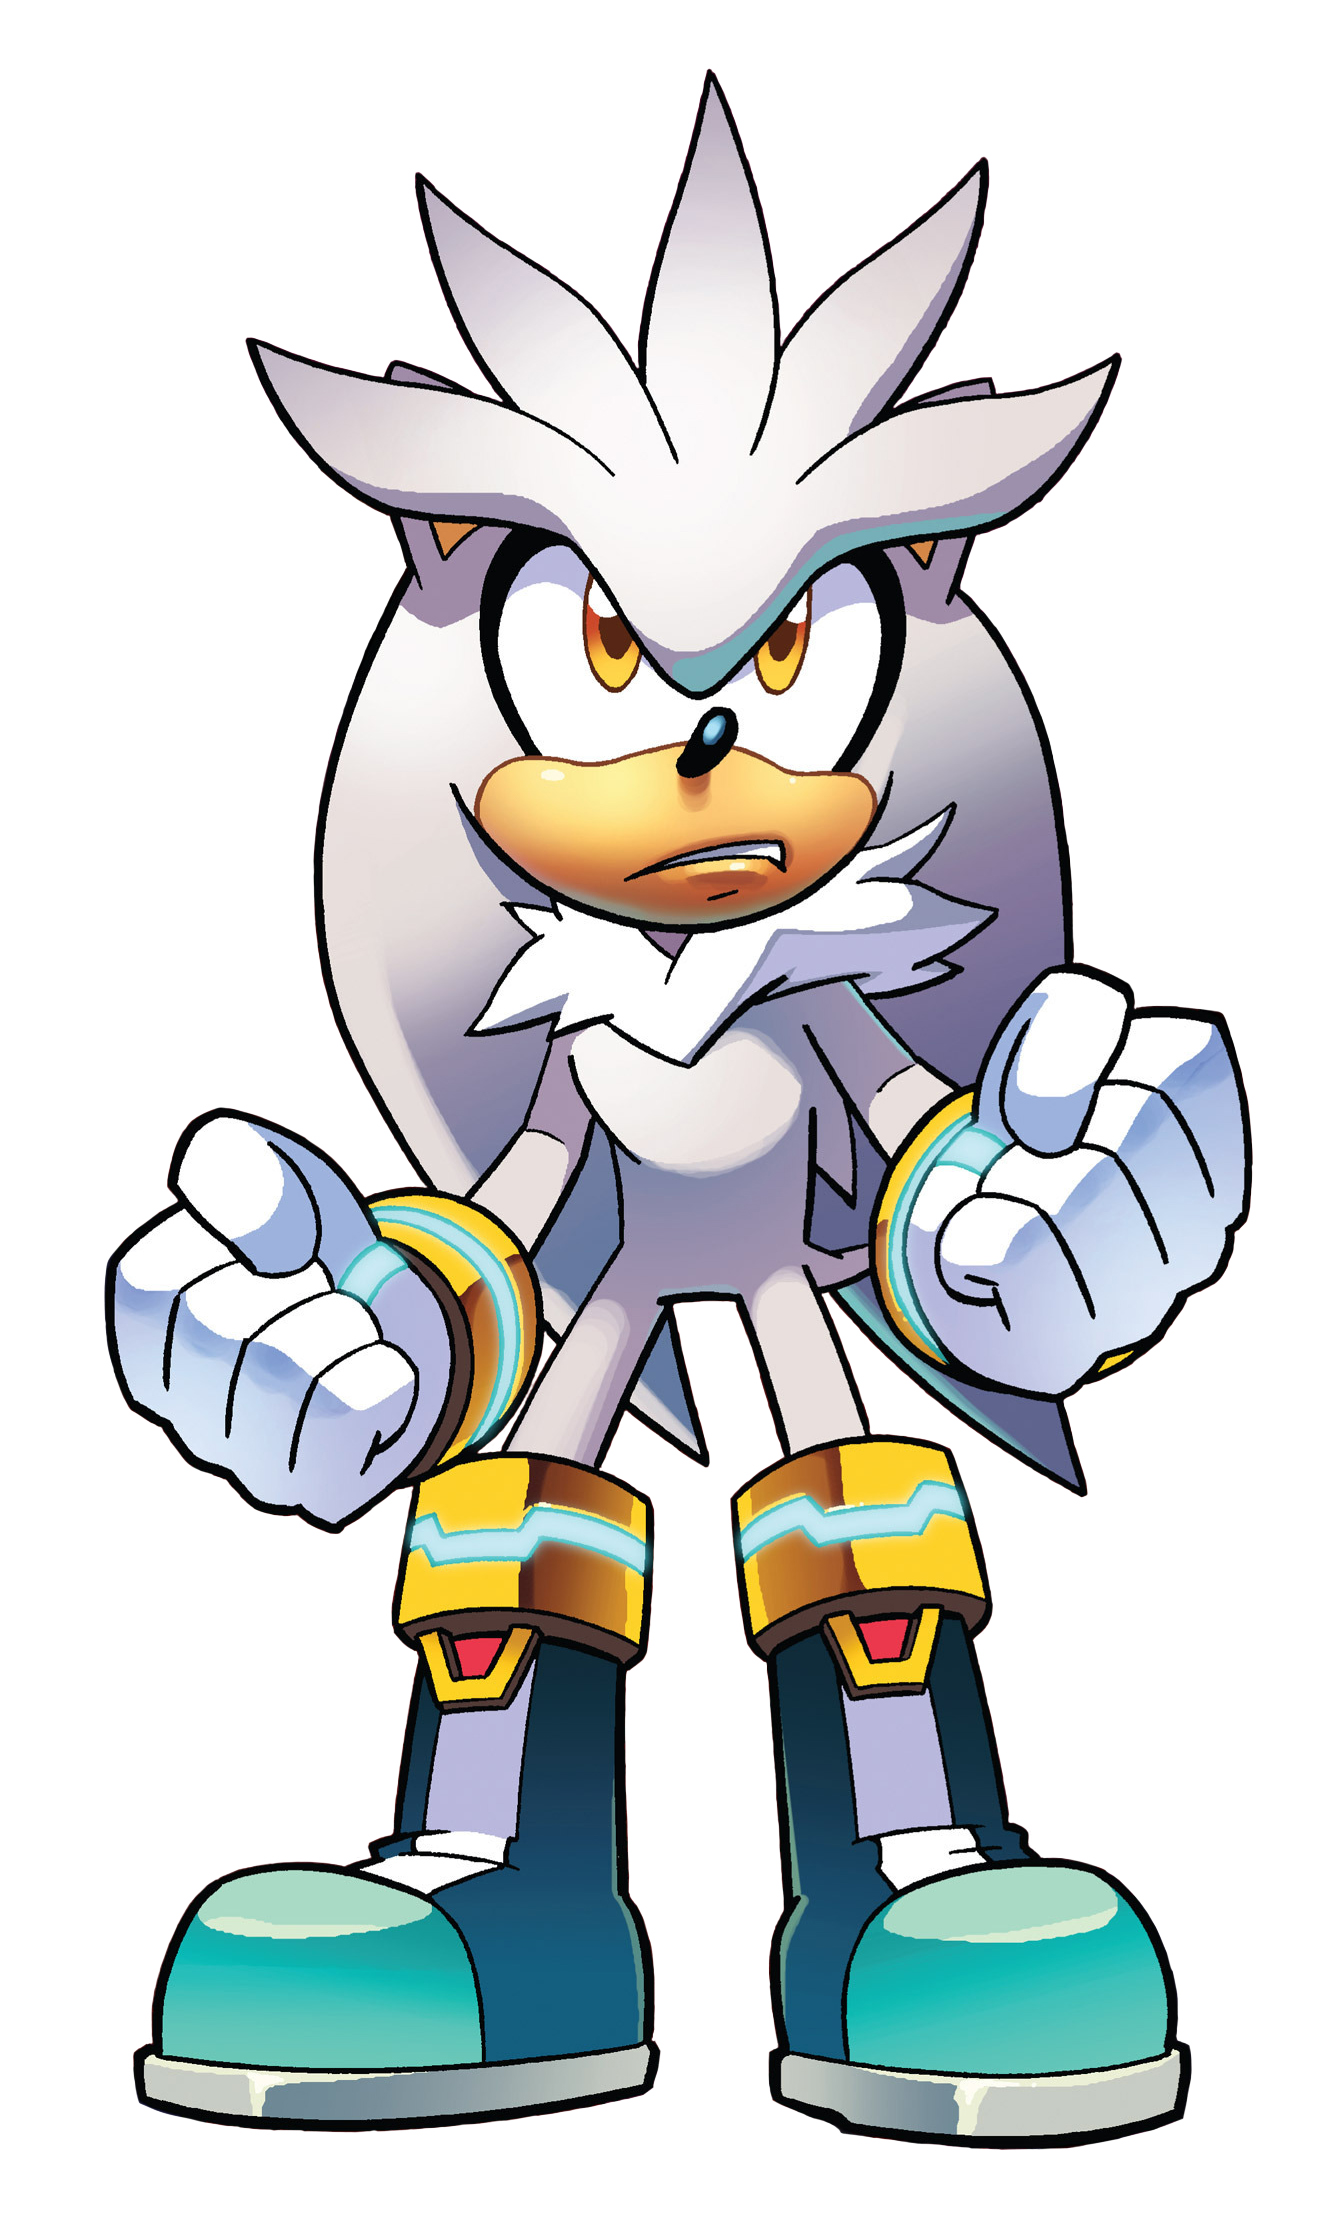 Silver The Hedgehog Mobius Encyclopaedia Fandom